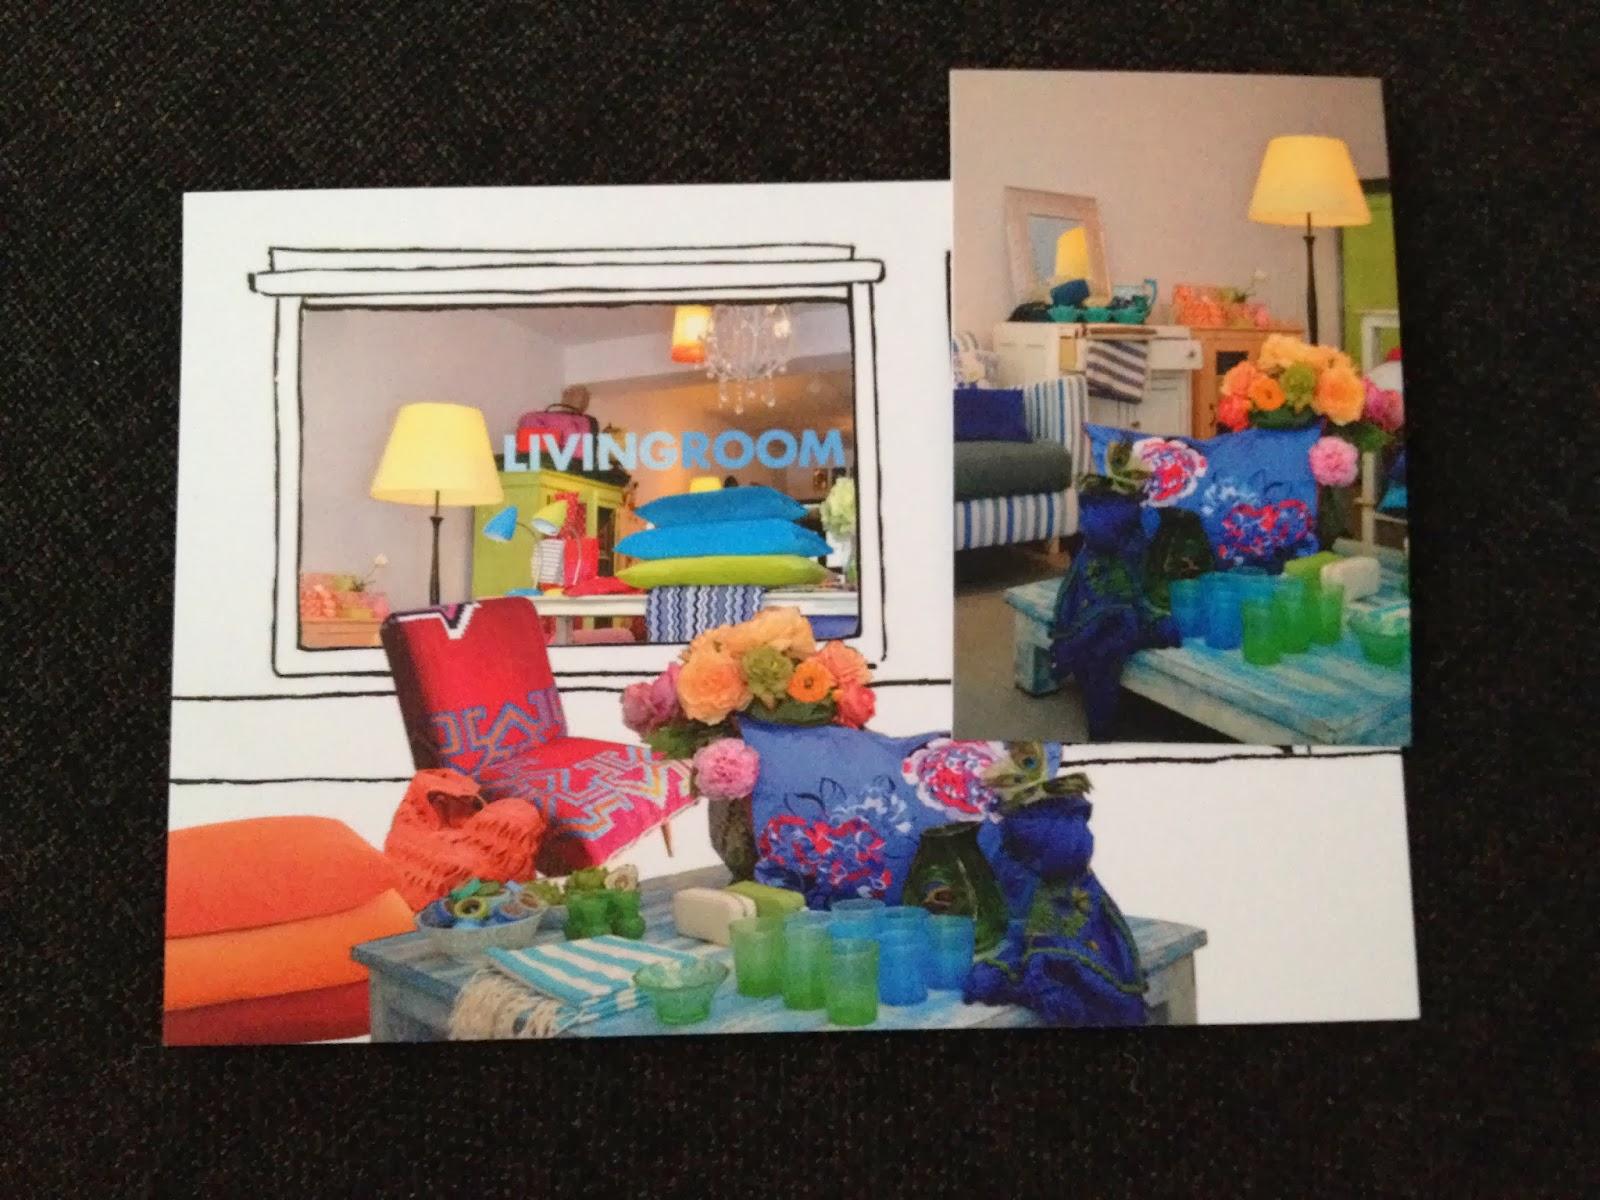 http://www.livingroom-basel.ch/Willkommen_im_Living_Room_Basel.html